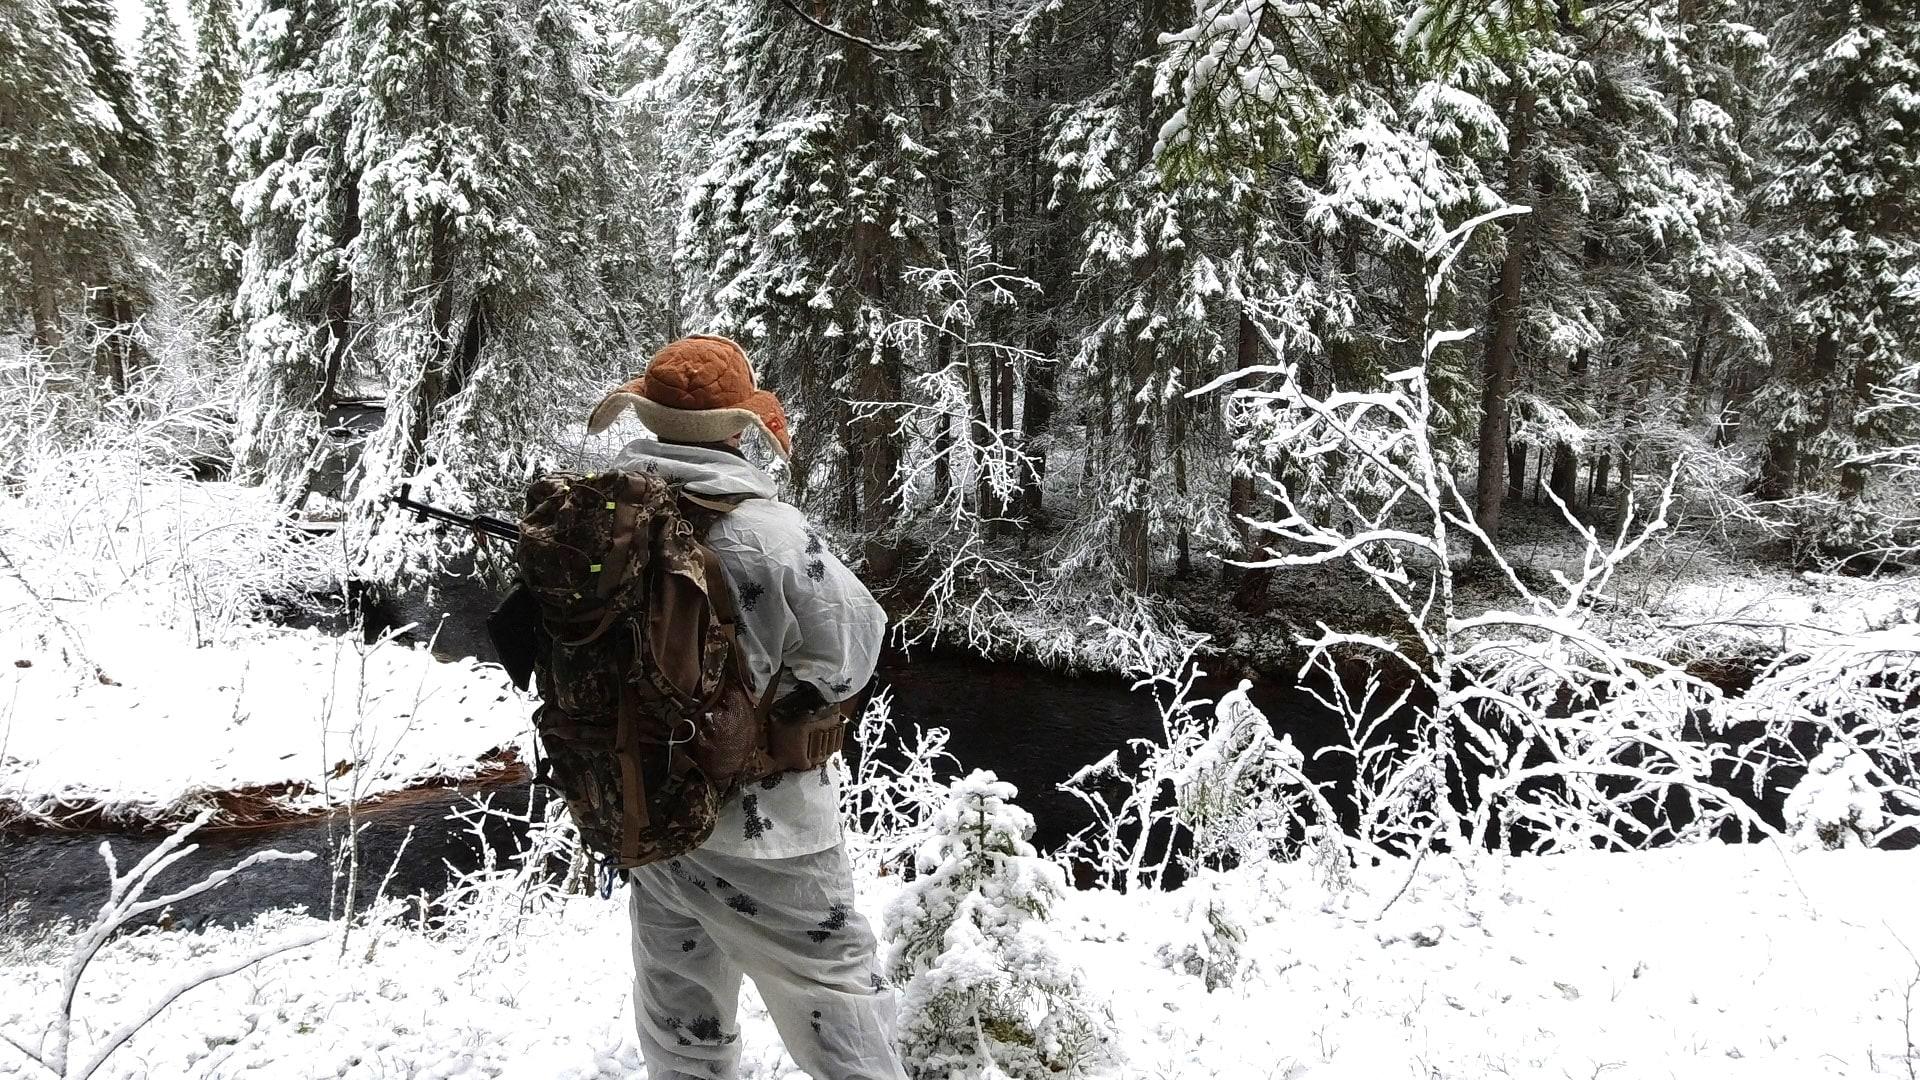 Видеообзор рюкзака Aquatic РО-66 от охотника из Карелии